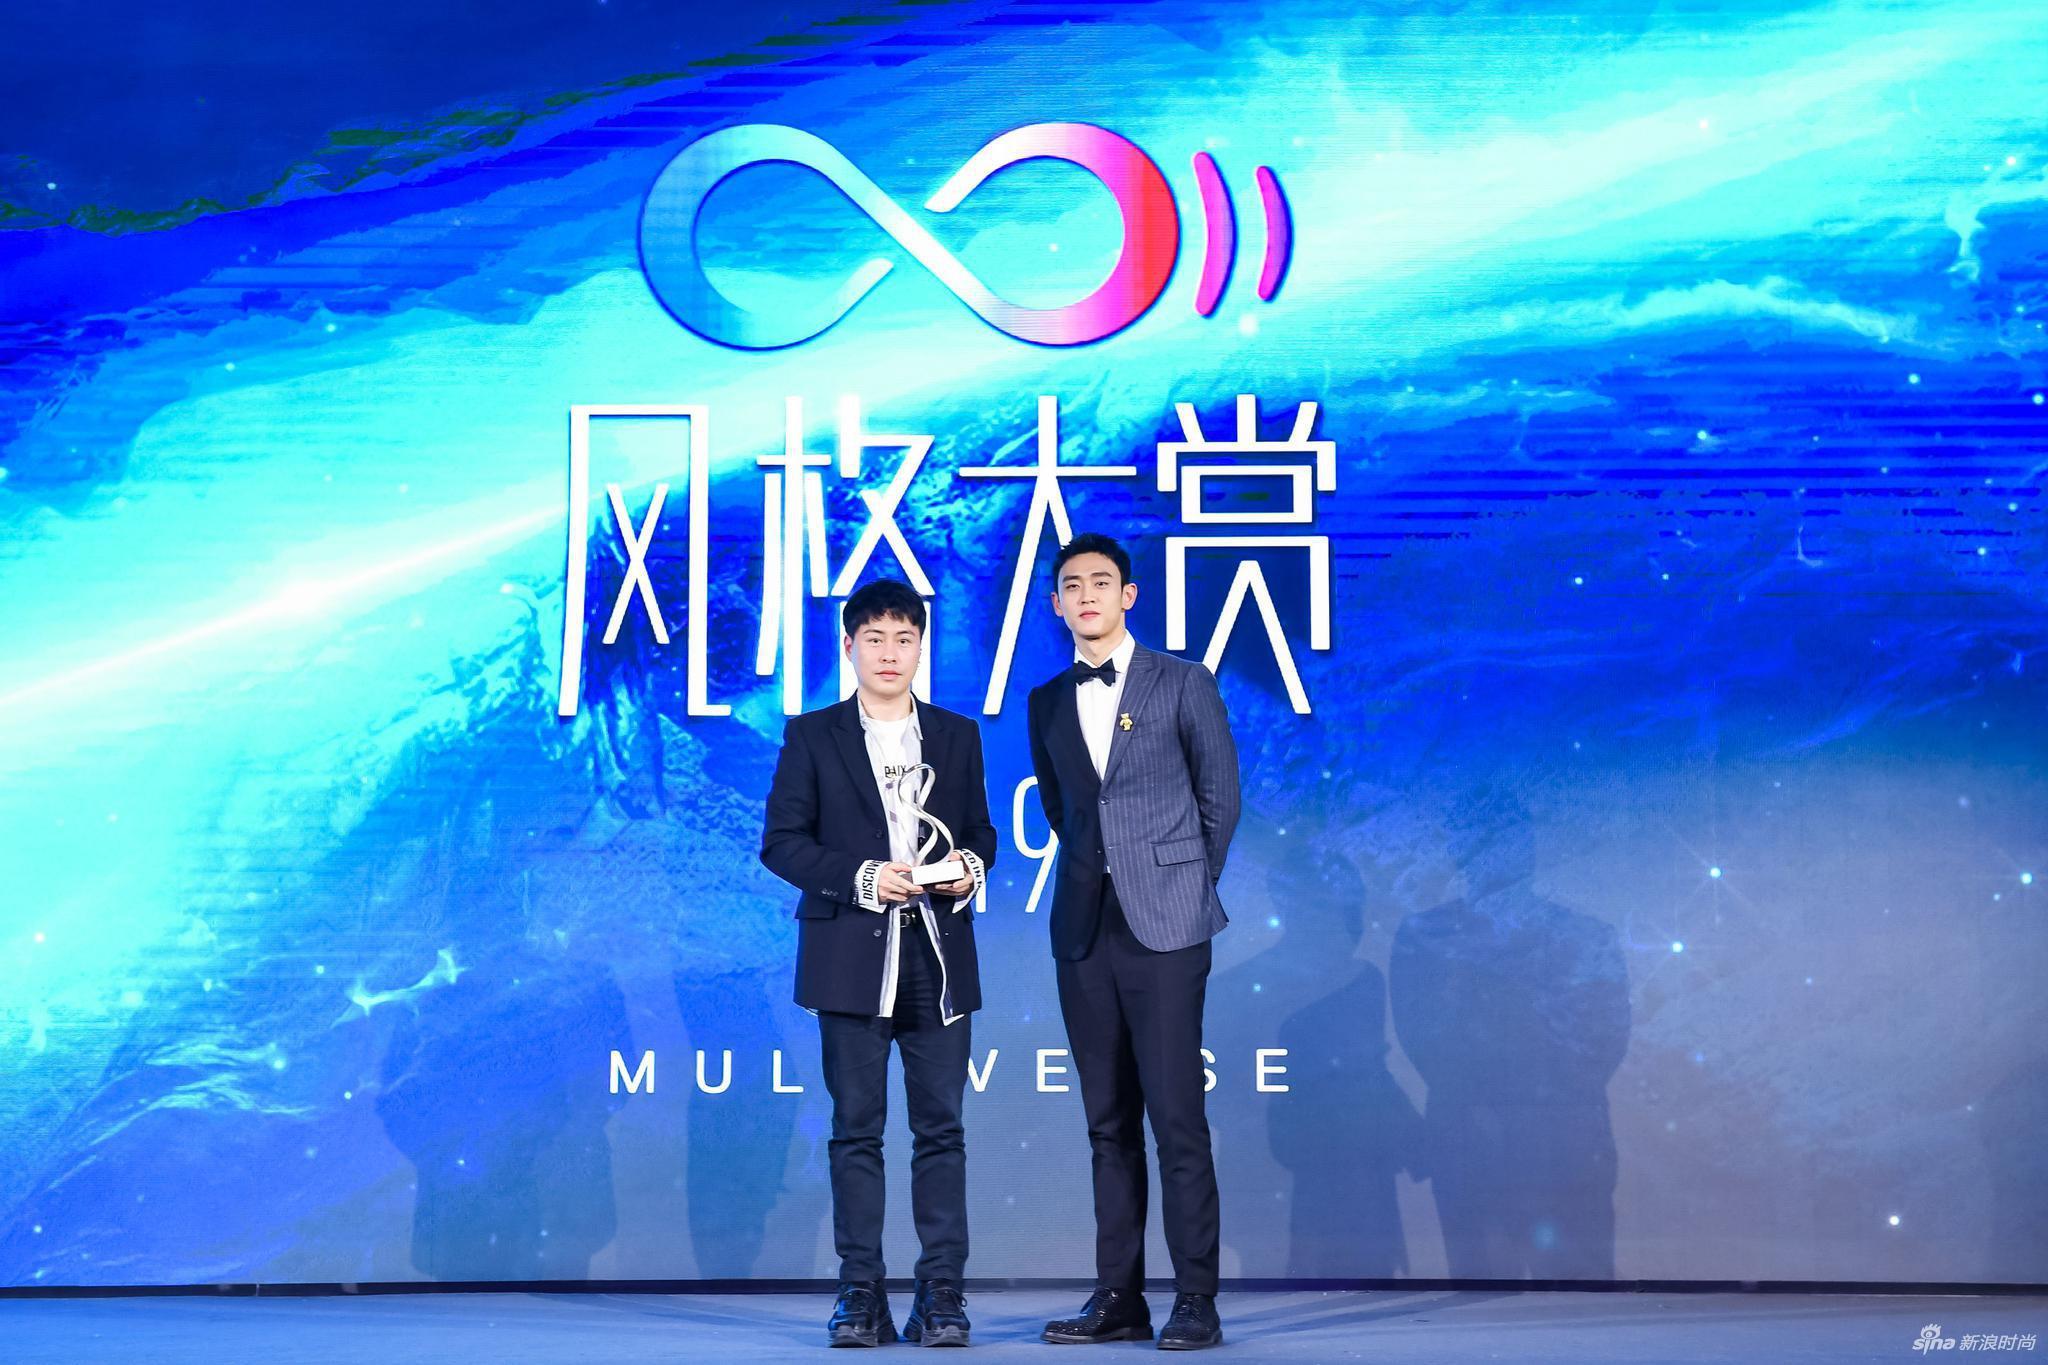 青年演员王天辰为领奖嘉宾设计师卜柯文先生颁奖